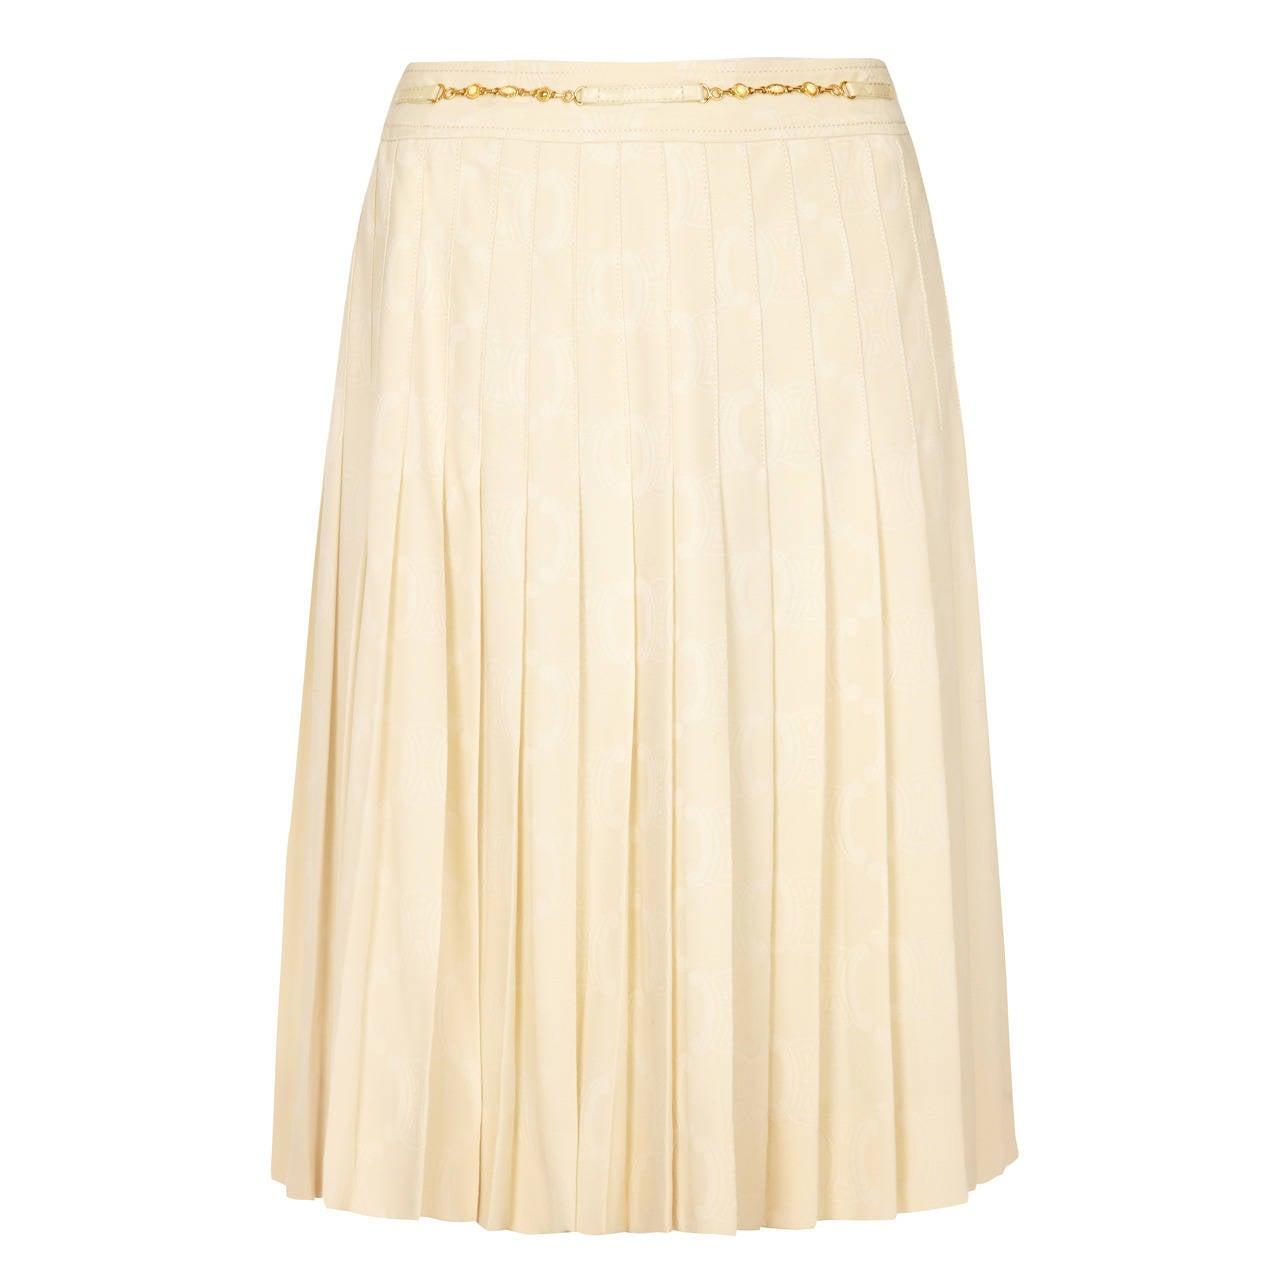 Cream Pleated Skirt 76